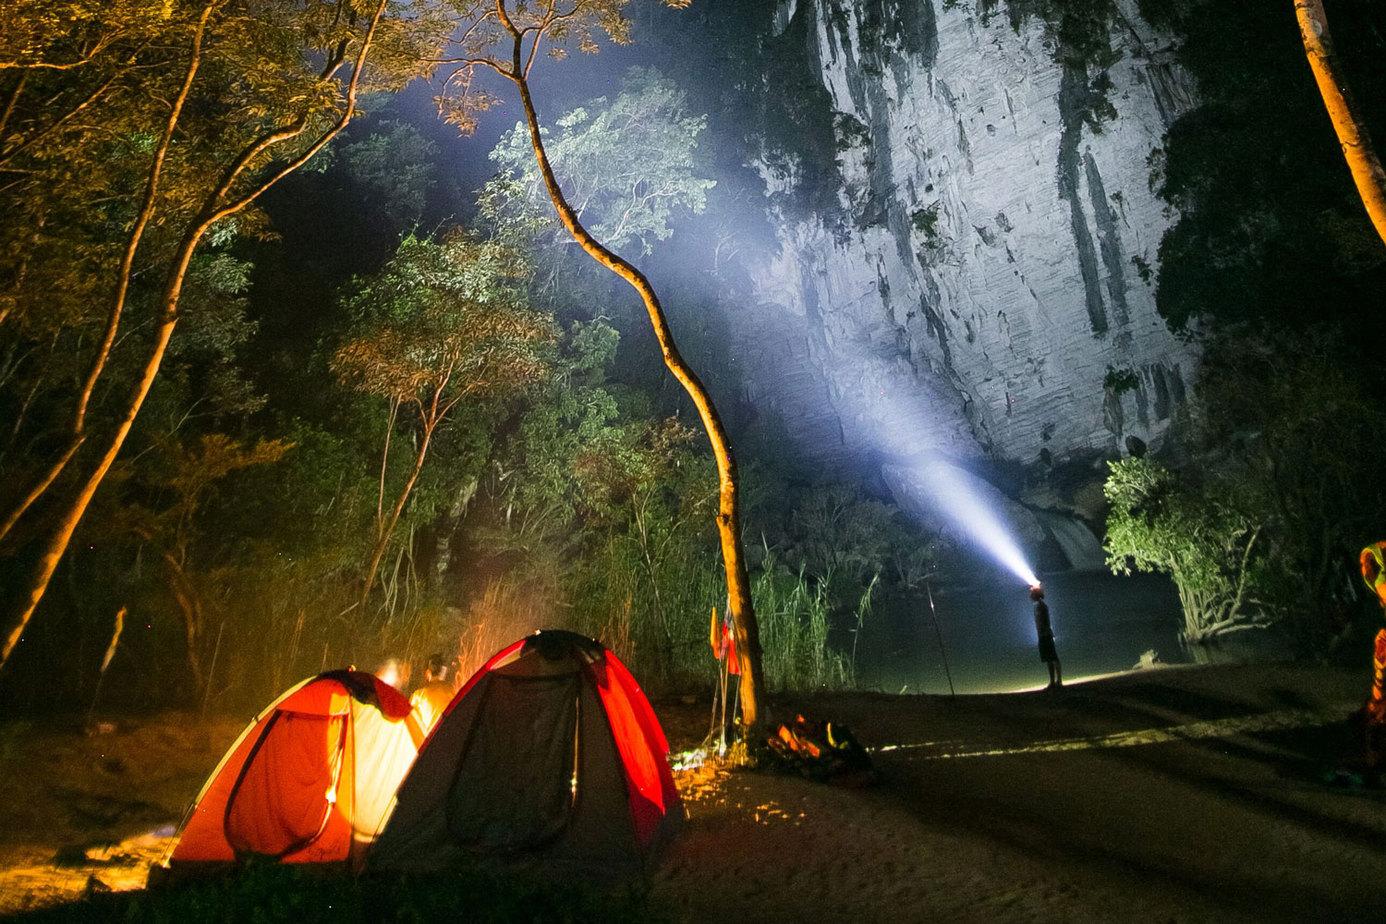 Bãi cắm trại Tú Làn vào đêm giữa núi rừng.